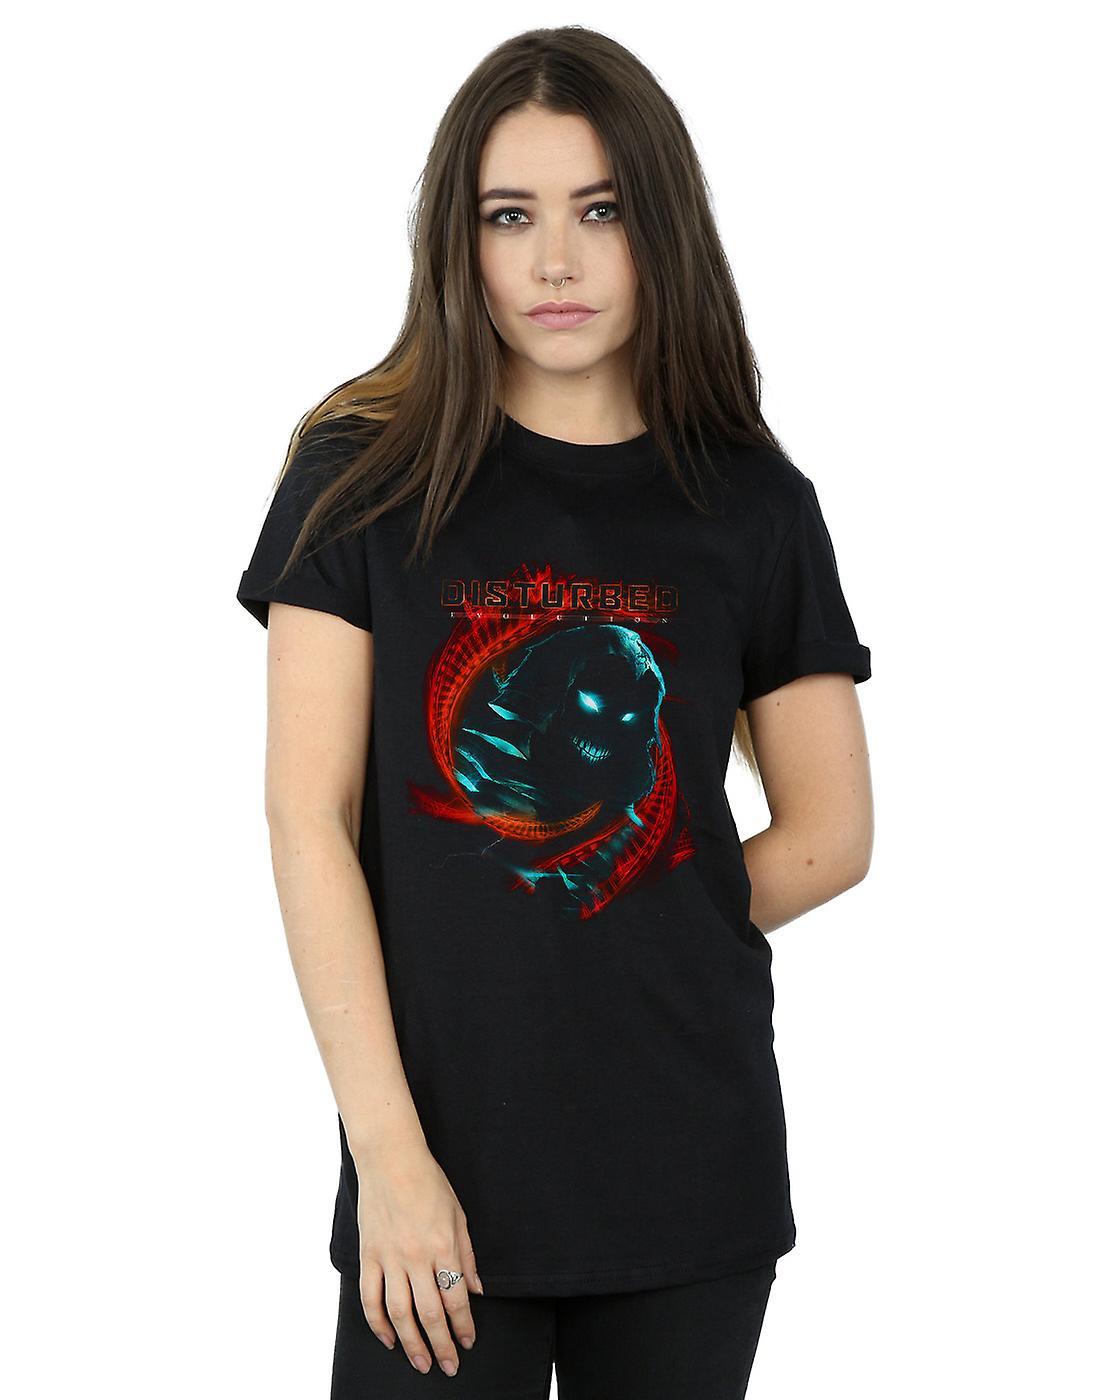 Disturbed Women's DNA Swirl Boyfriend Fit T-Shirt